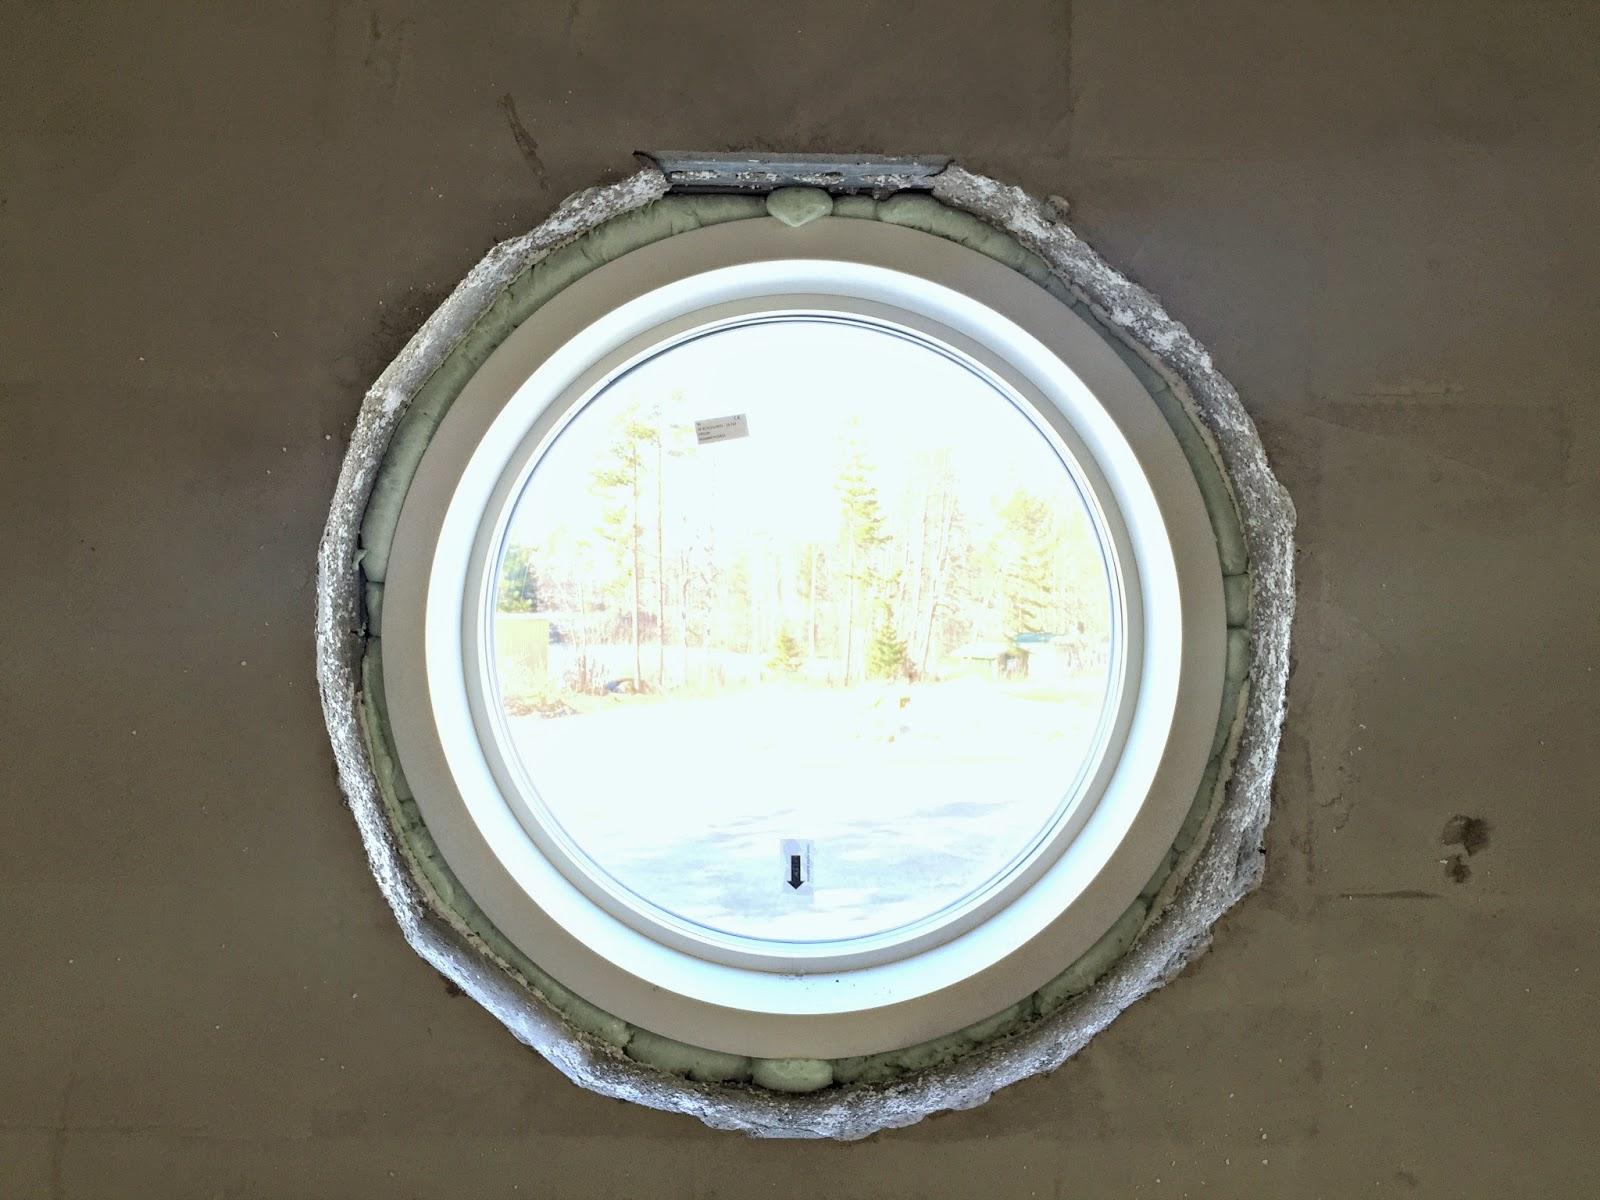 ikkuna, pyöreä ikkuna, skaala, kivitalo